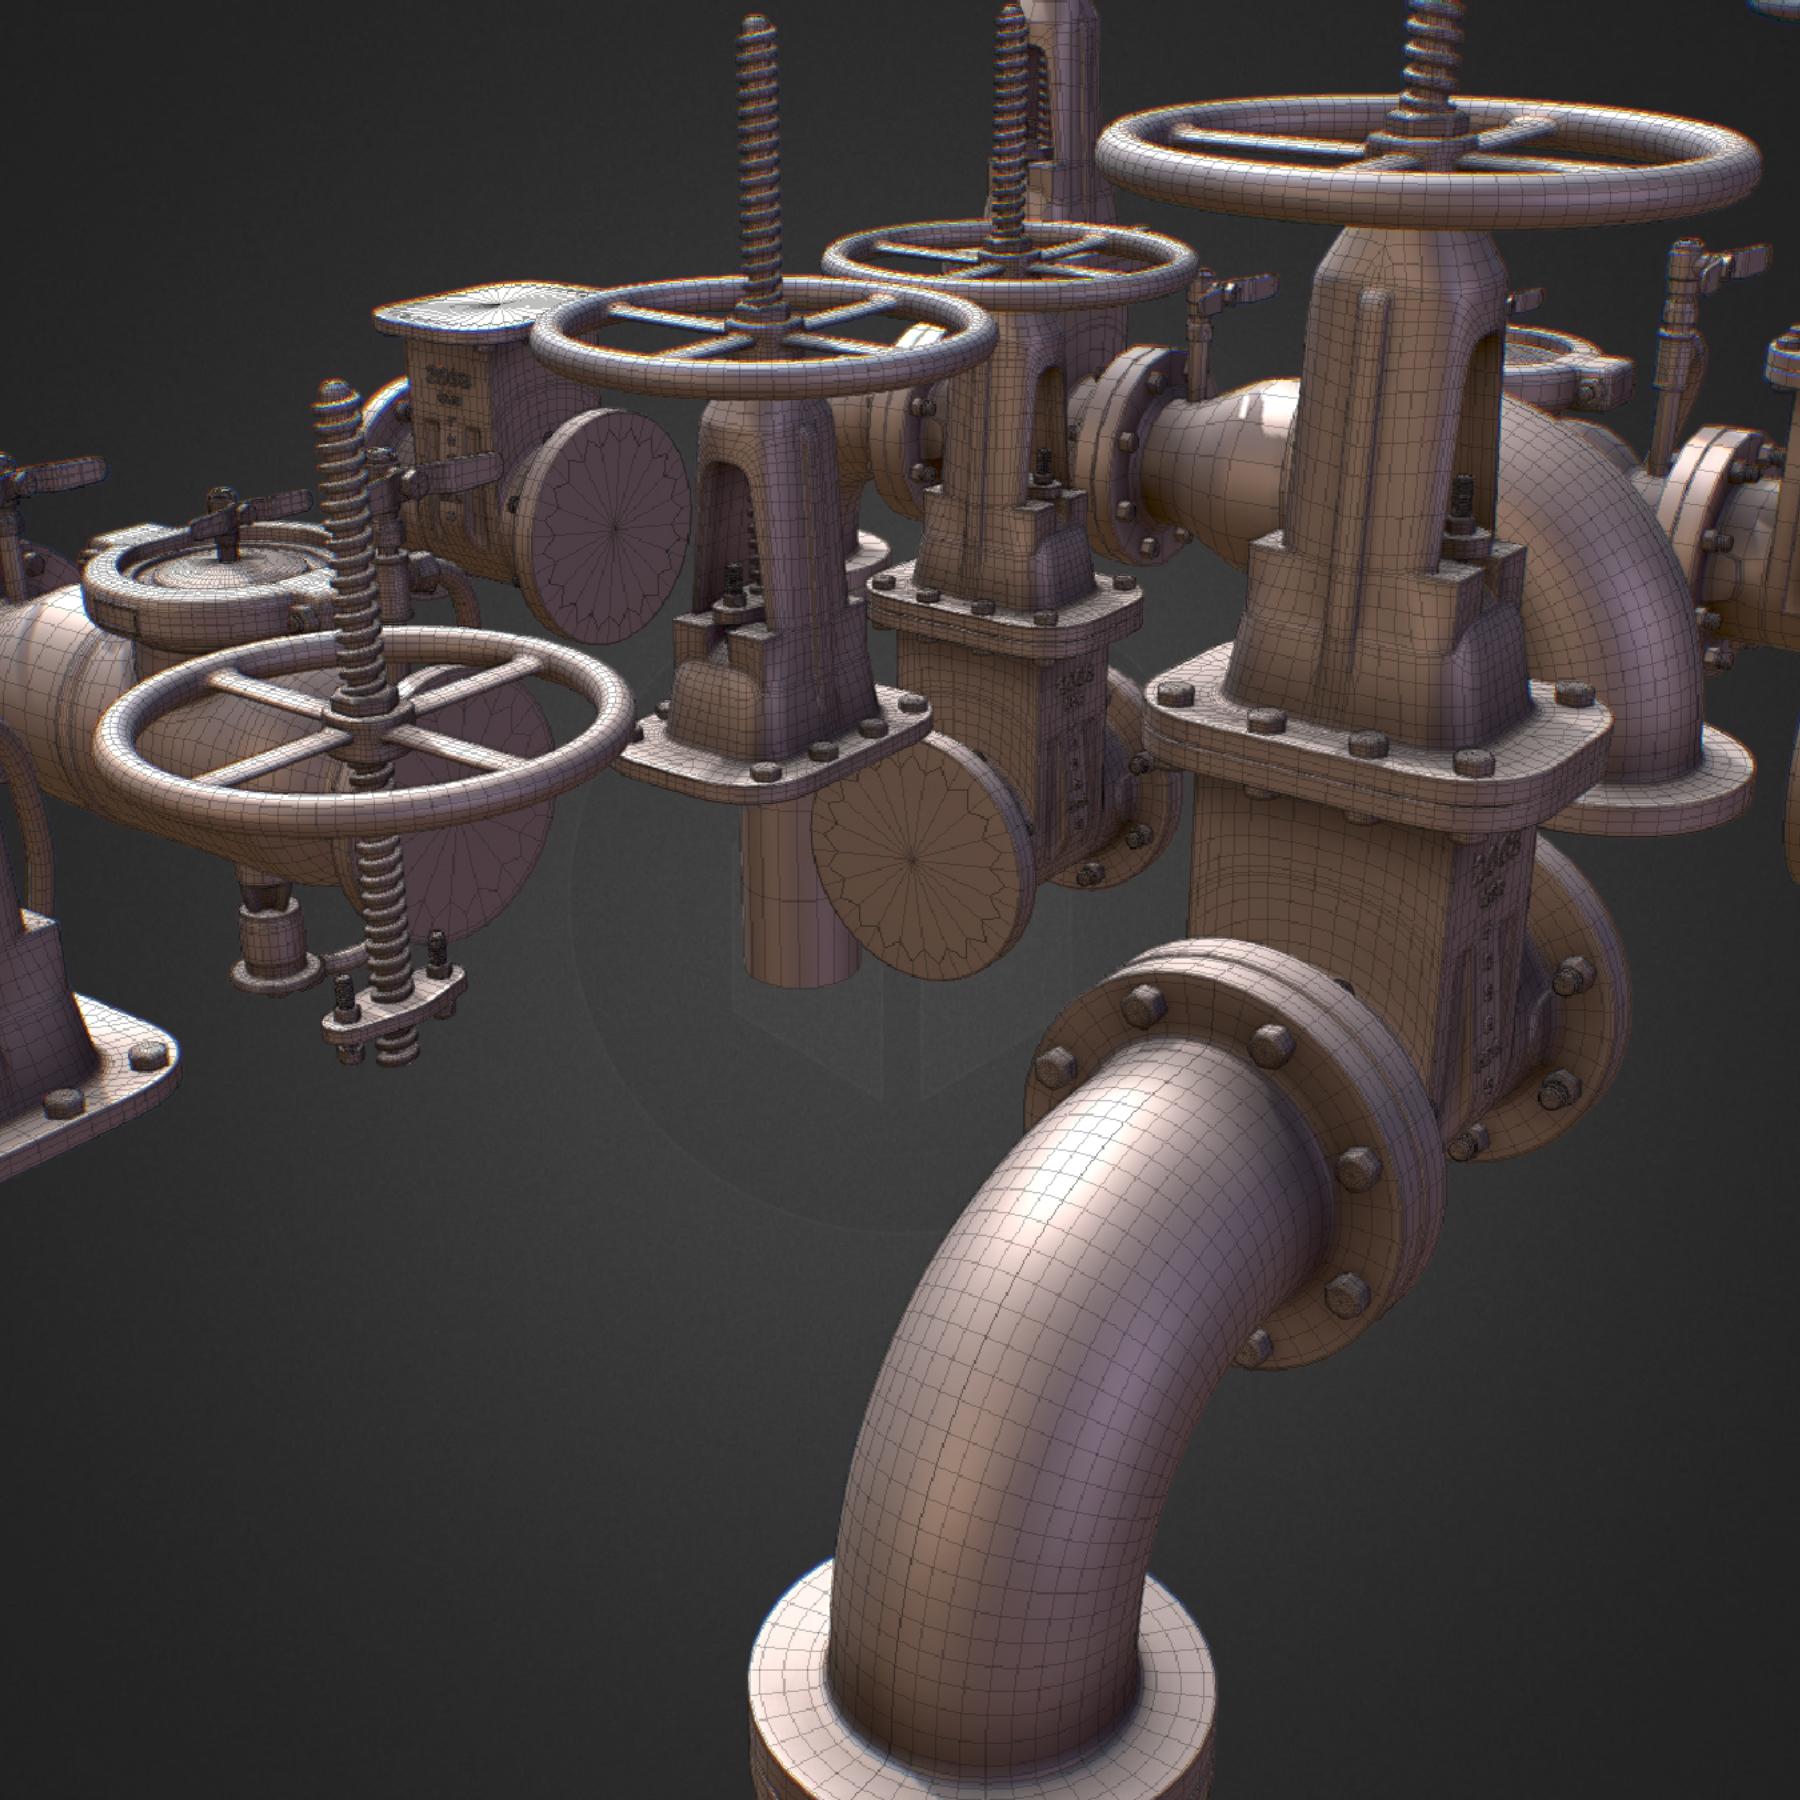 hola poli subdivisió constructor de canonada de flux 3d model max fbx ma mb obj 272502